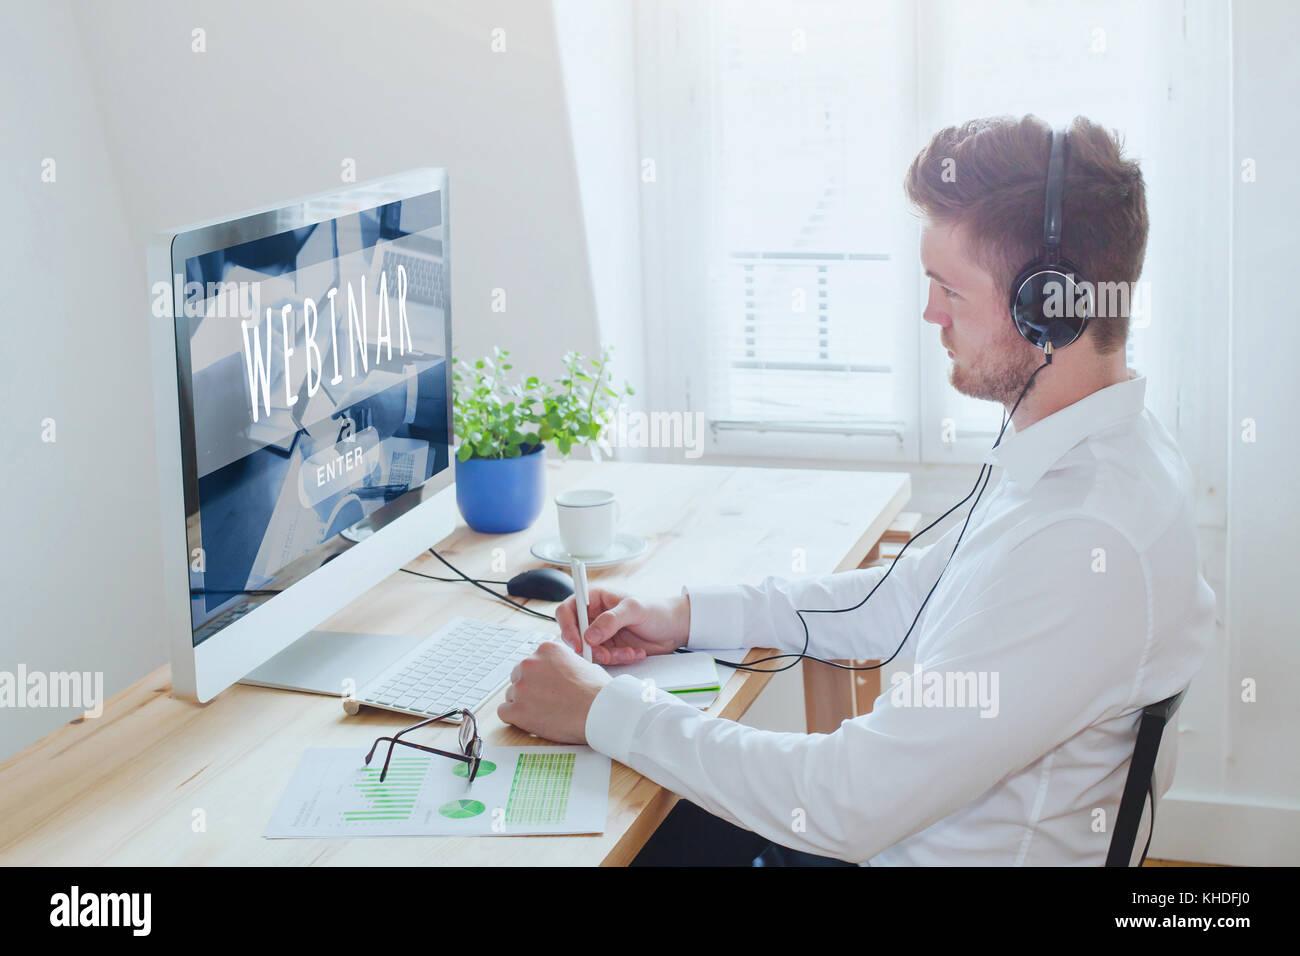 Imprenditore che partecipano webinar online, istruzione su internet, l'e-learning concept Foto Stock